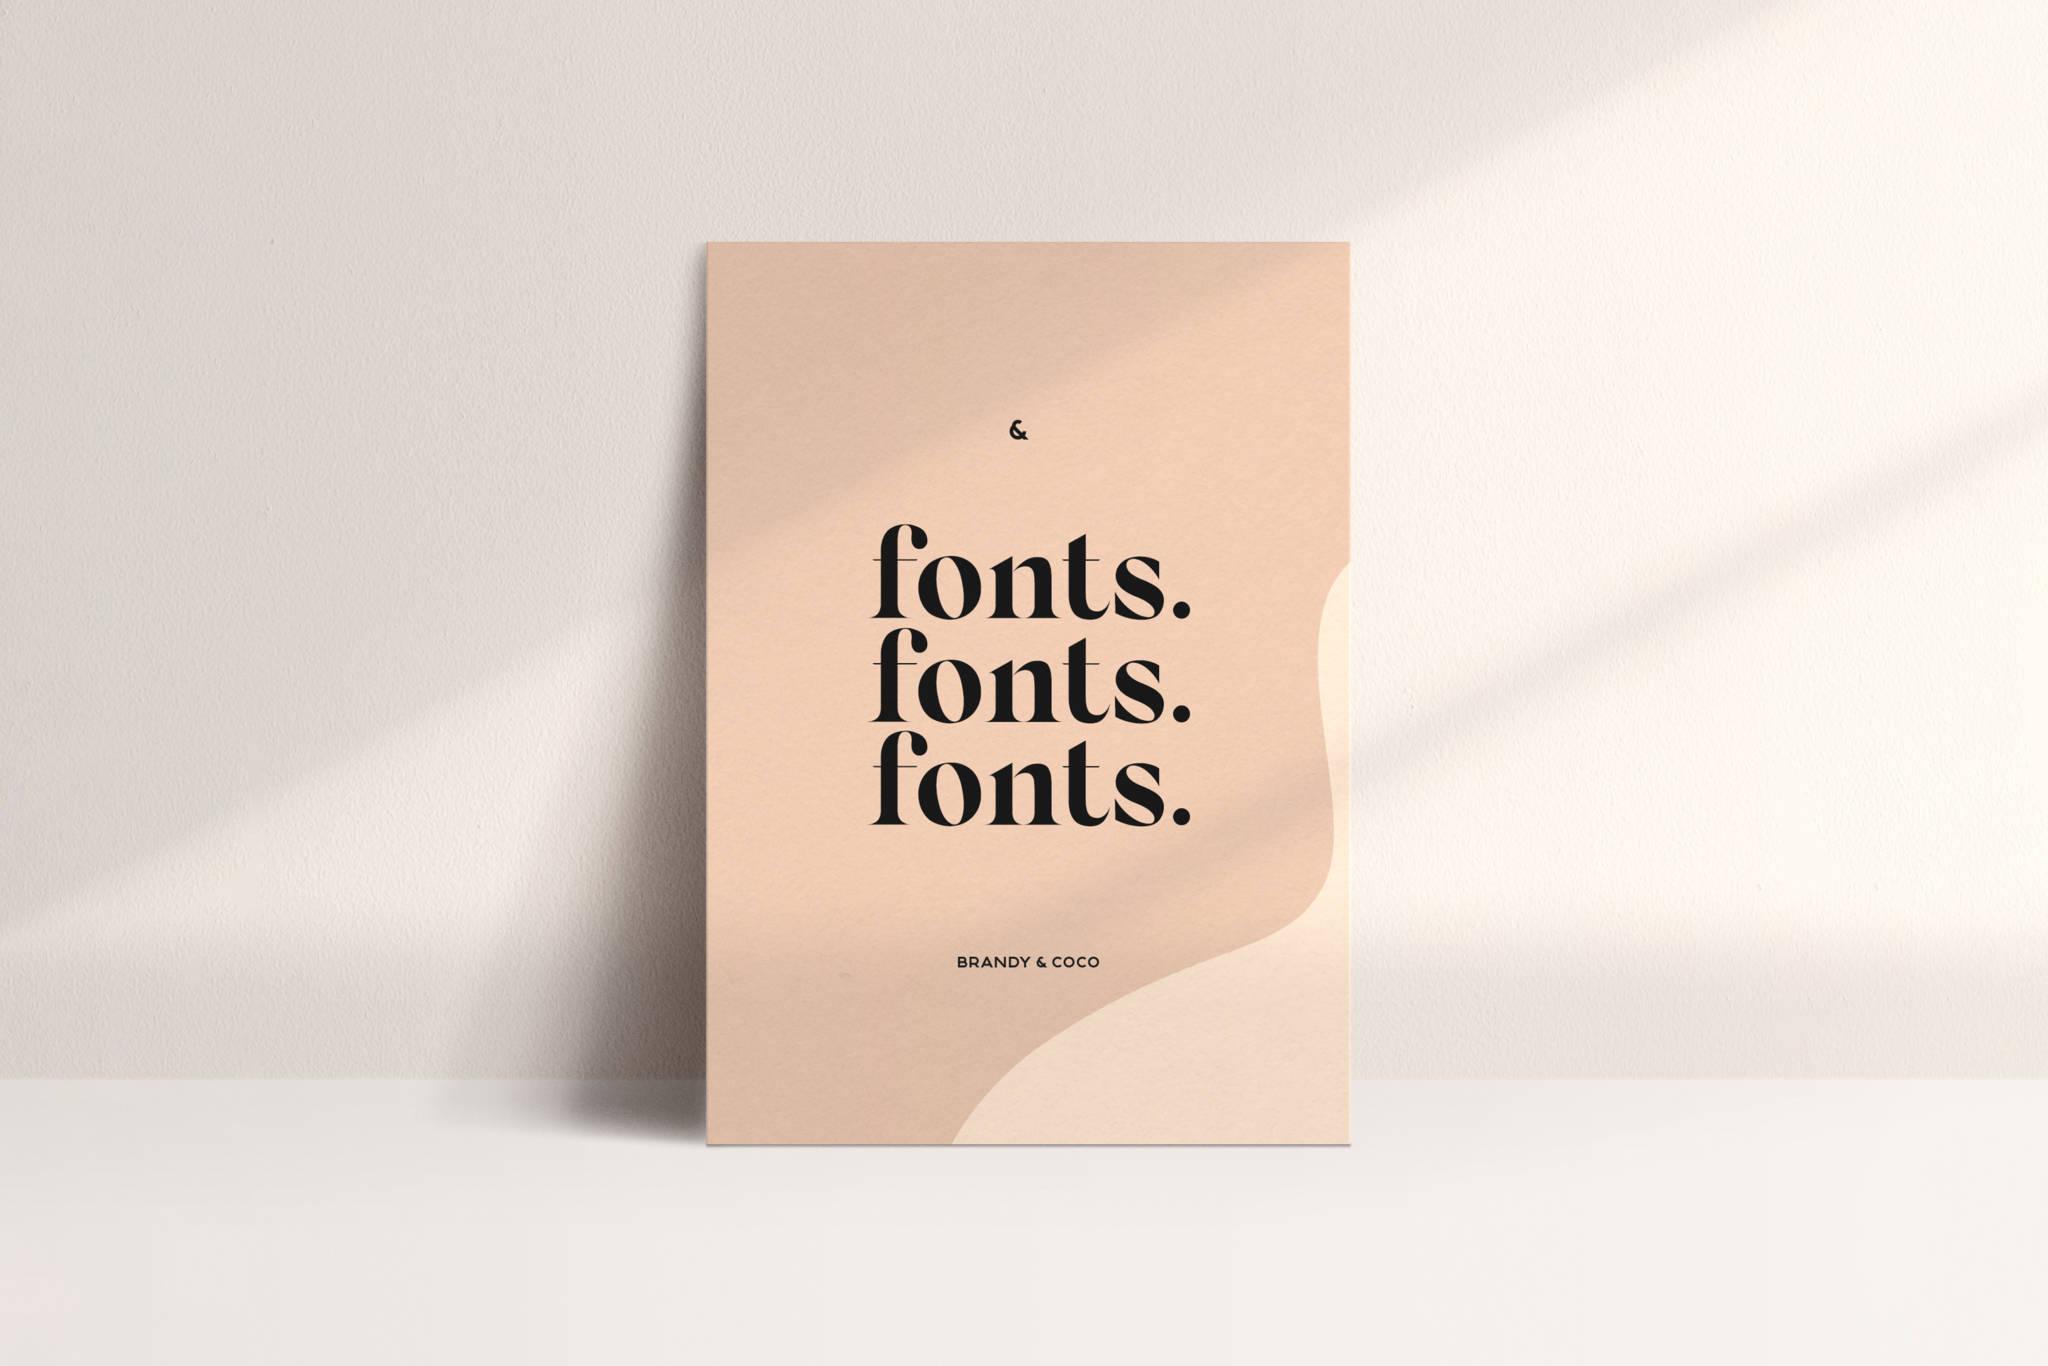 fonts fonts fonts post card